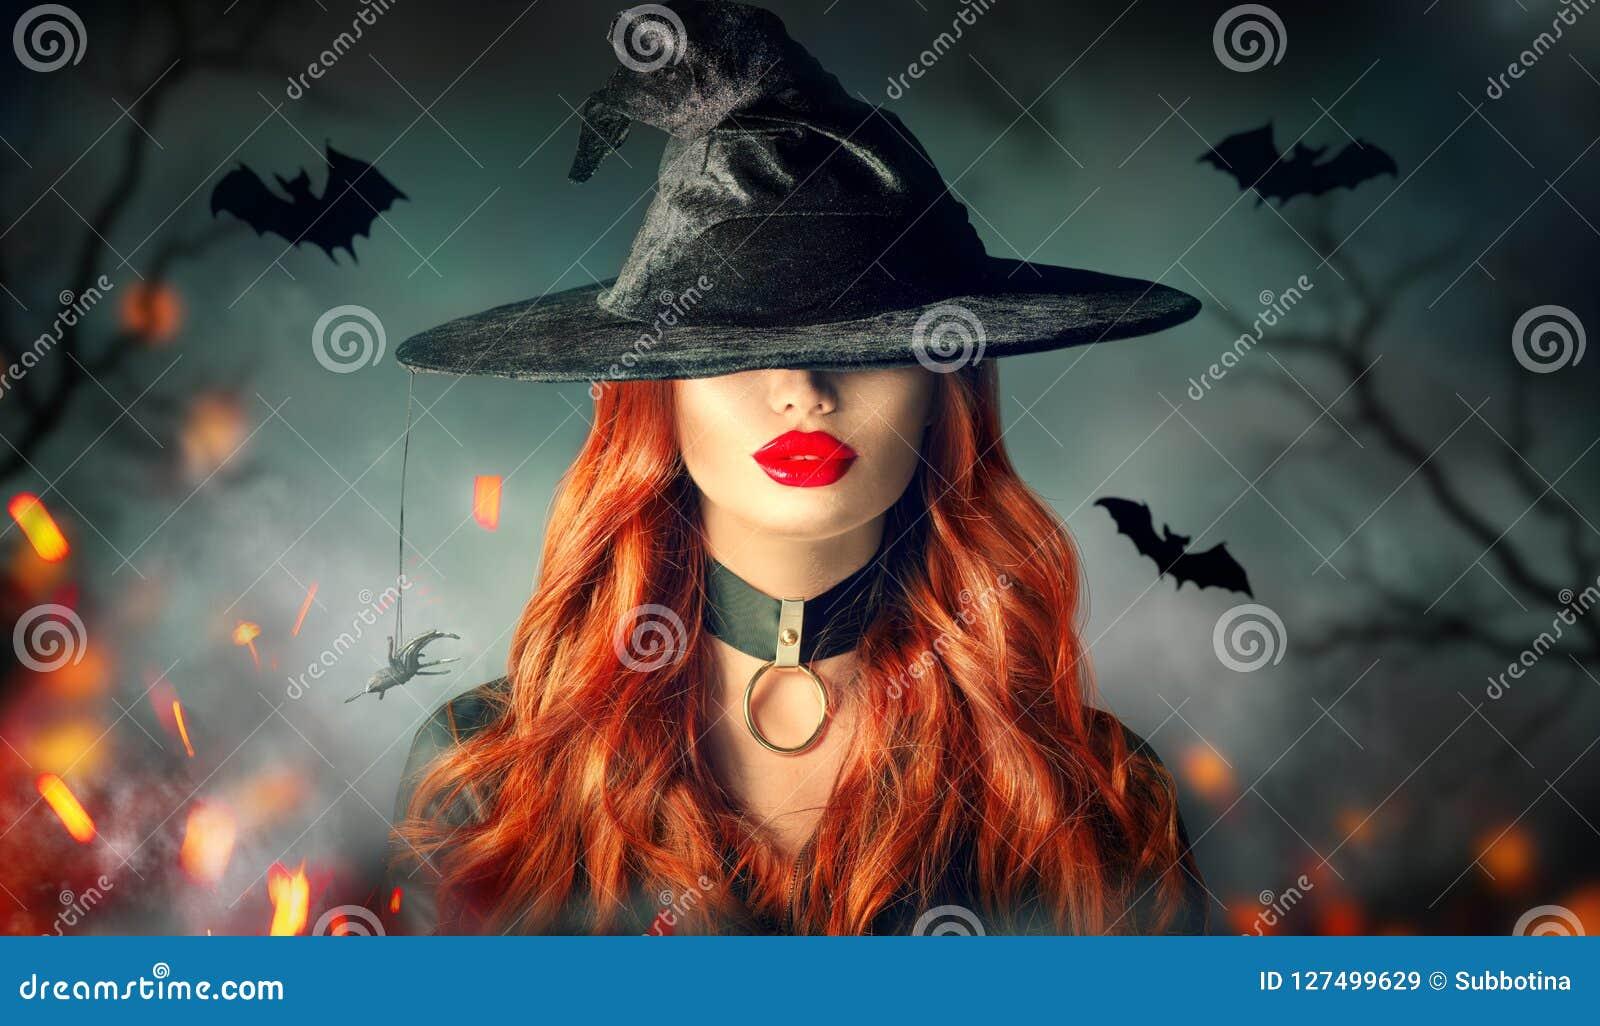 Víspera de Todos los Santos Retrato atractivo de la bruja Mujer hermosa en sombrero de las brujas con el pelo rojo rizado largo